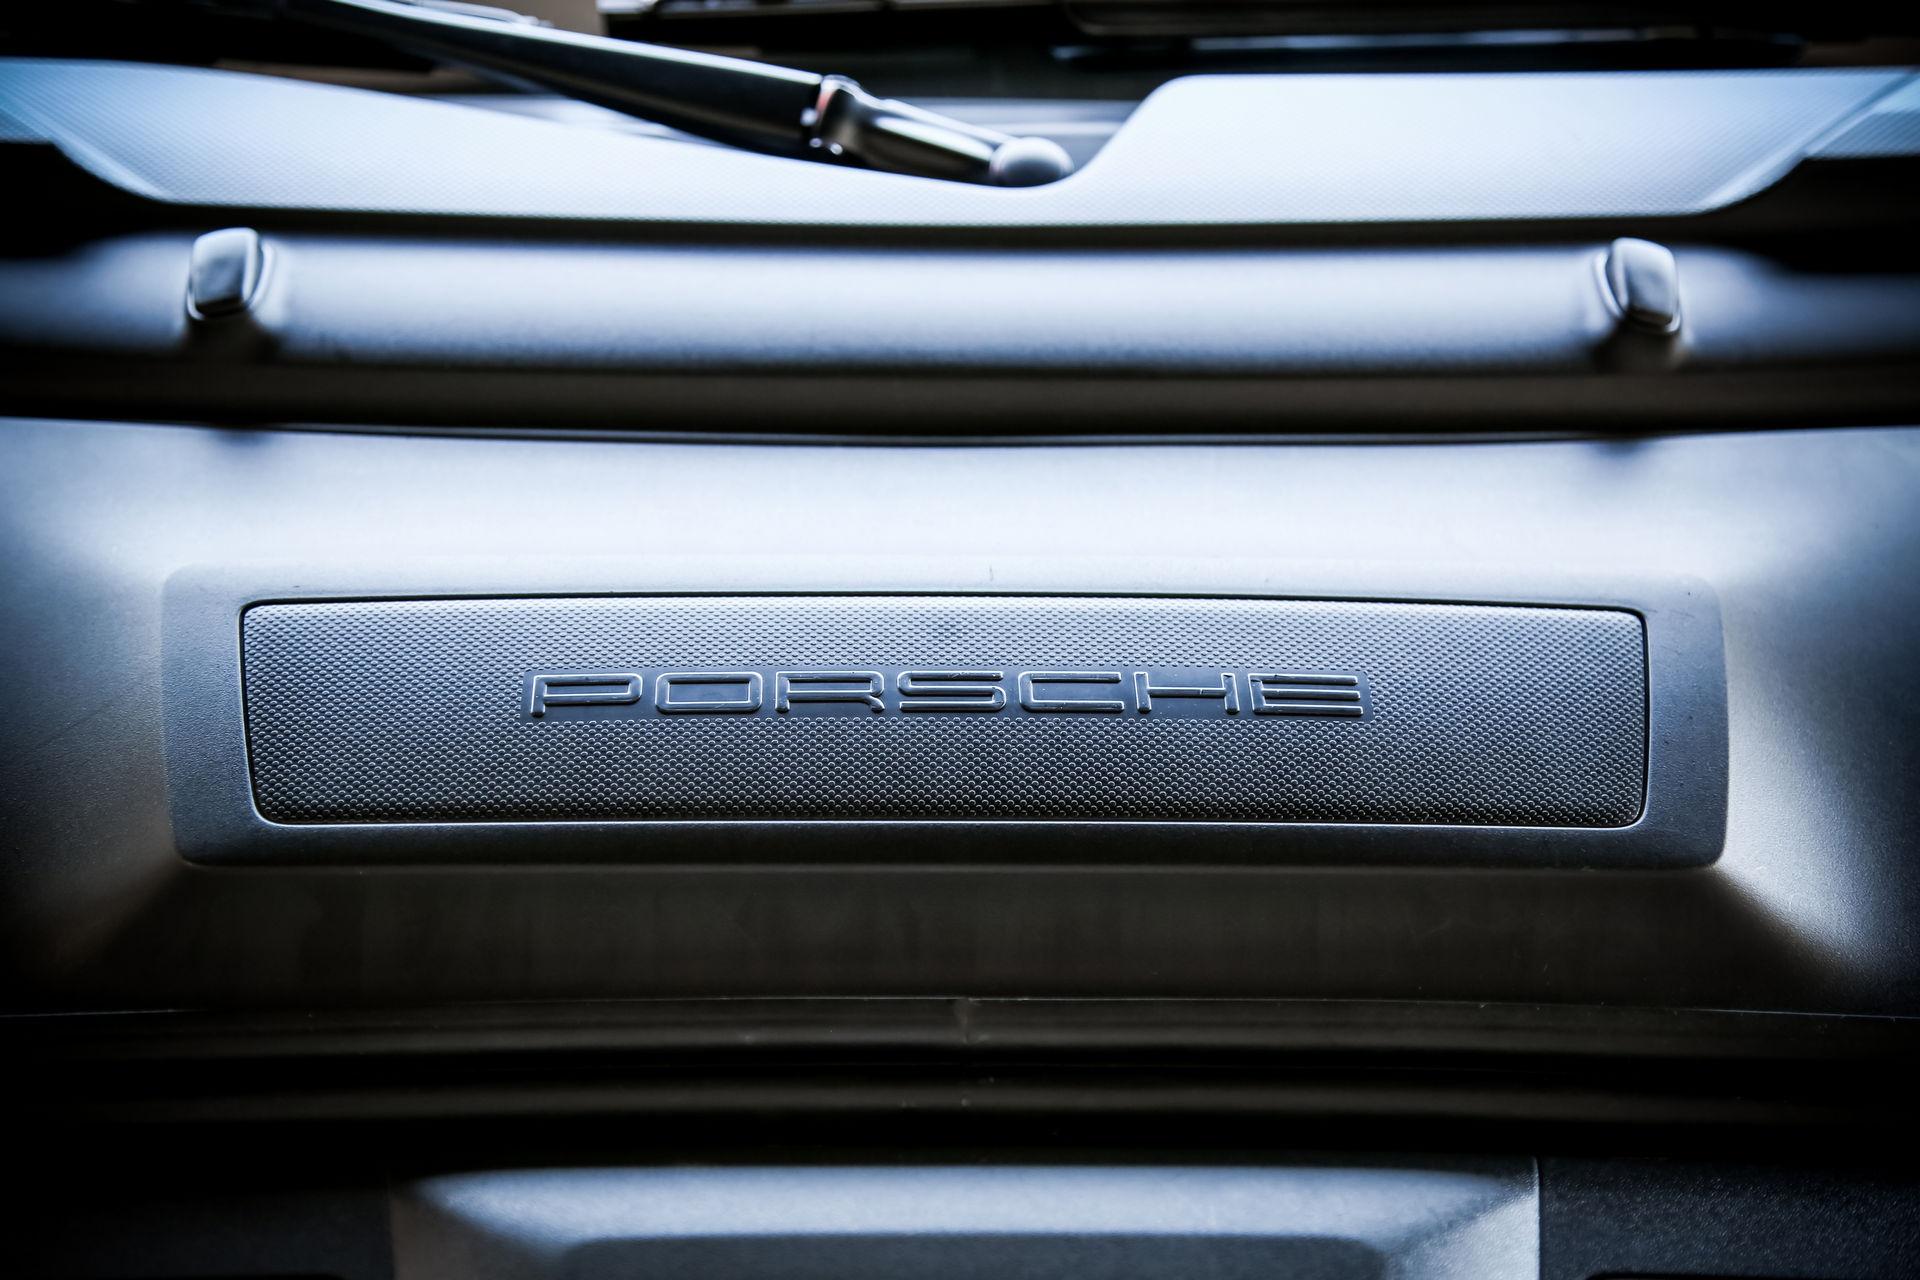 Ngam nhin Porsche 911 GT3 RS 4.0 2011 phien ban gioi han dac biet anh 10